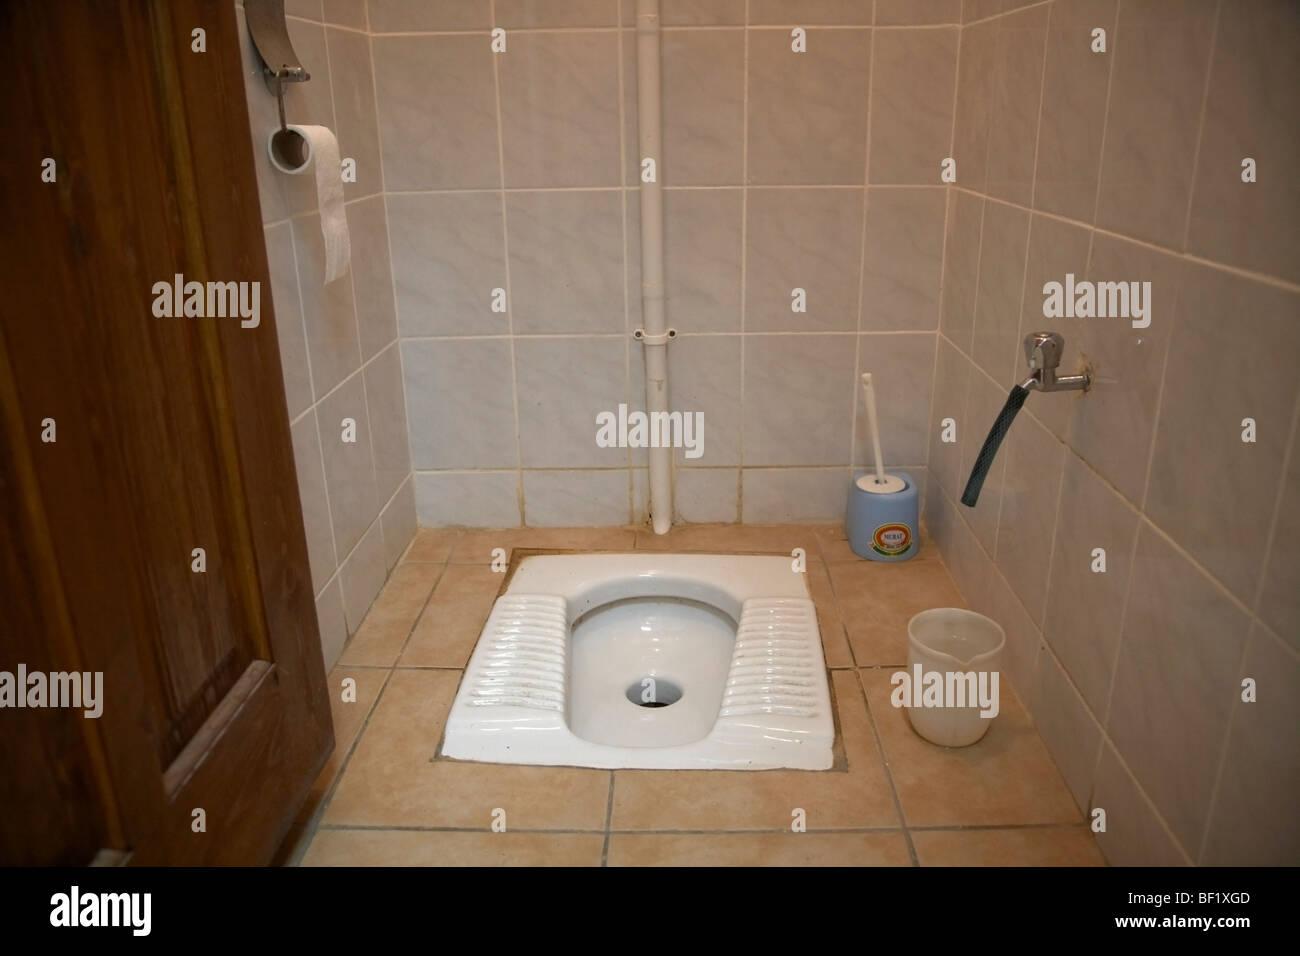 Squat bagno turco nel bagno in famagusta repubblica turca di Cipro ...